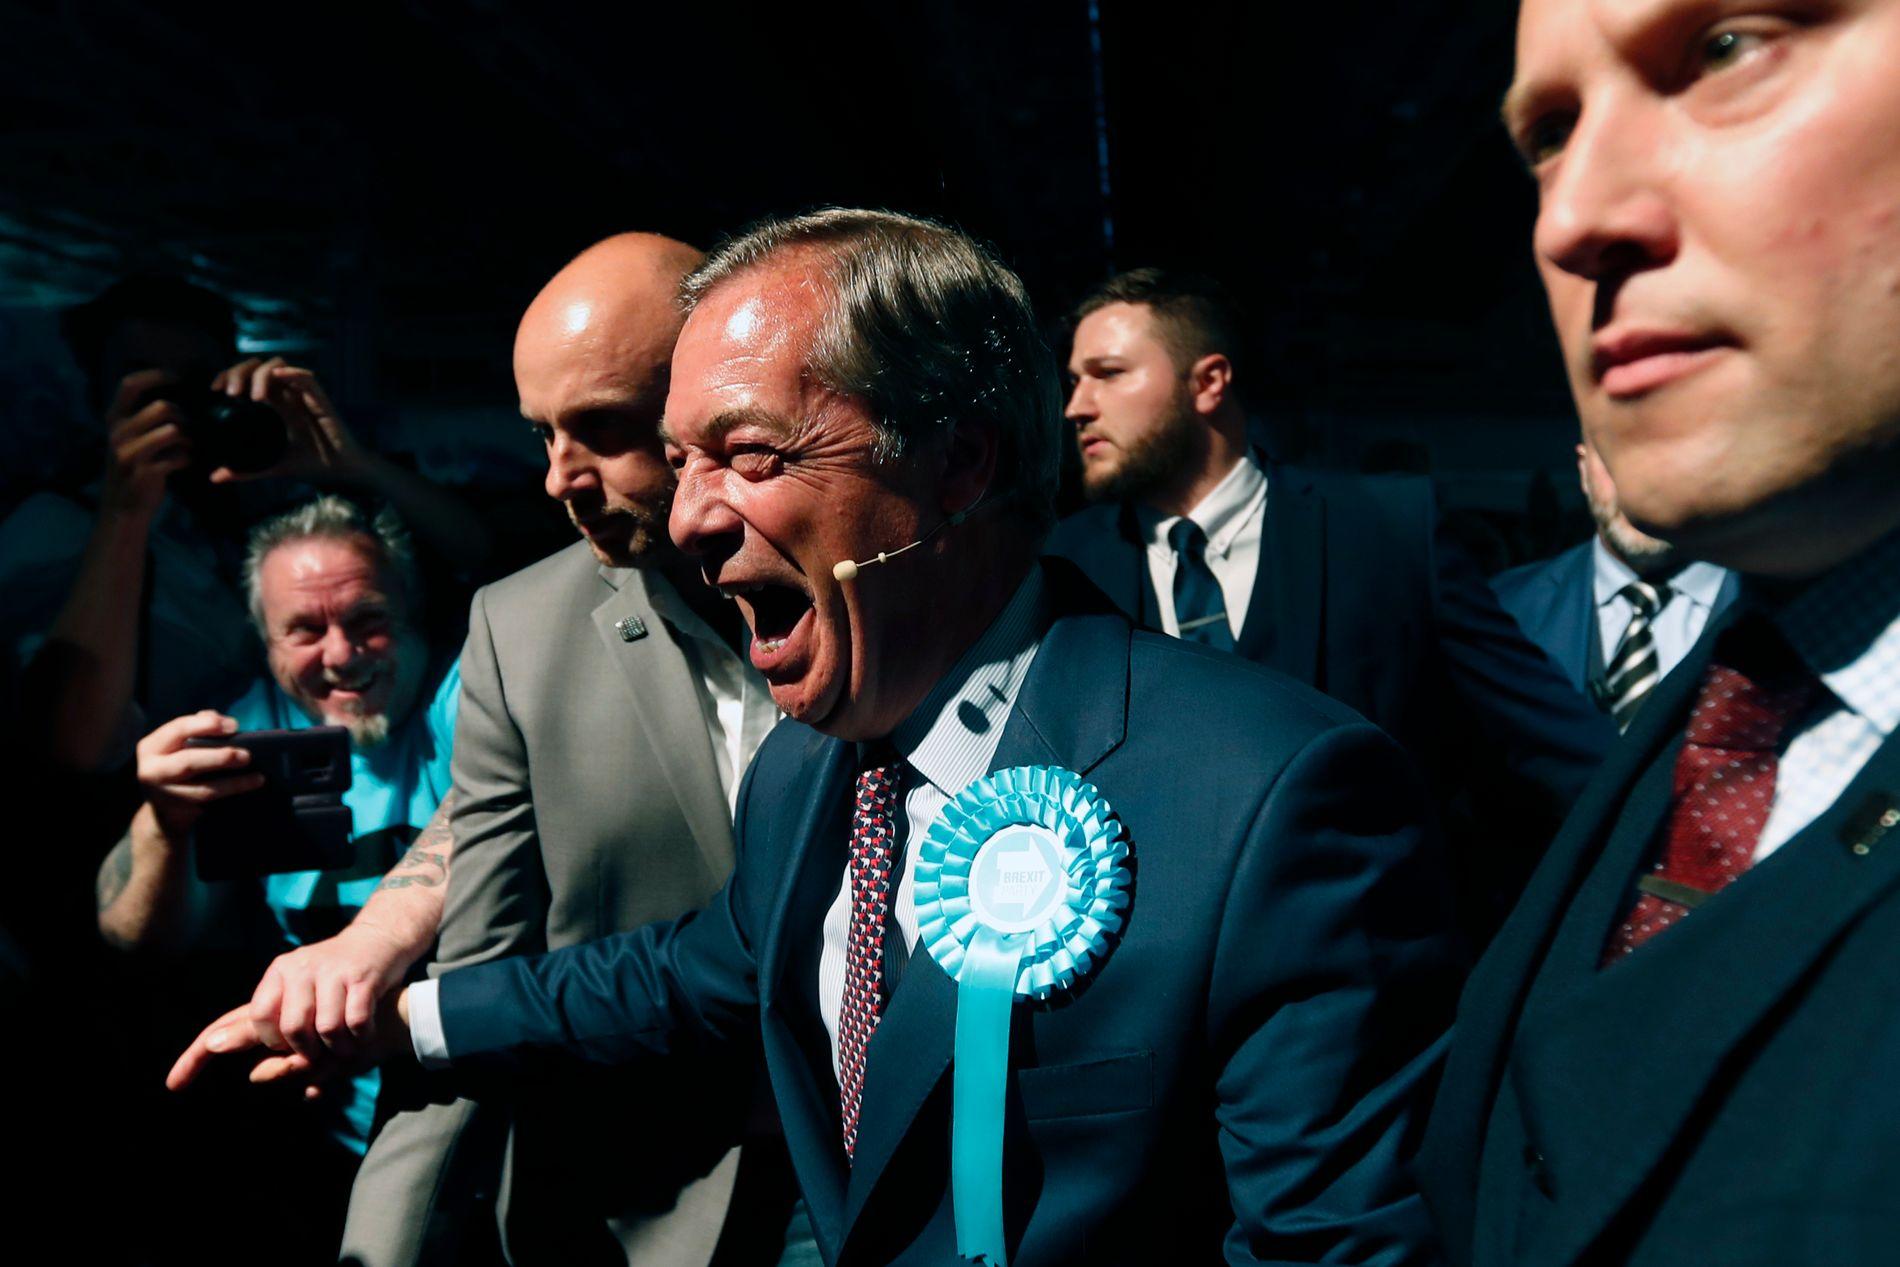 SUKSESS: Farage har trukket fulle hus i Storbritannia i fem uker. Brexit Party ligger høyt på meningsmålingene i valget til Europaparlamentet.